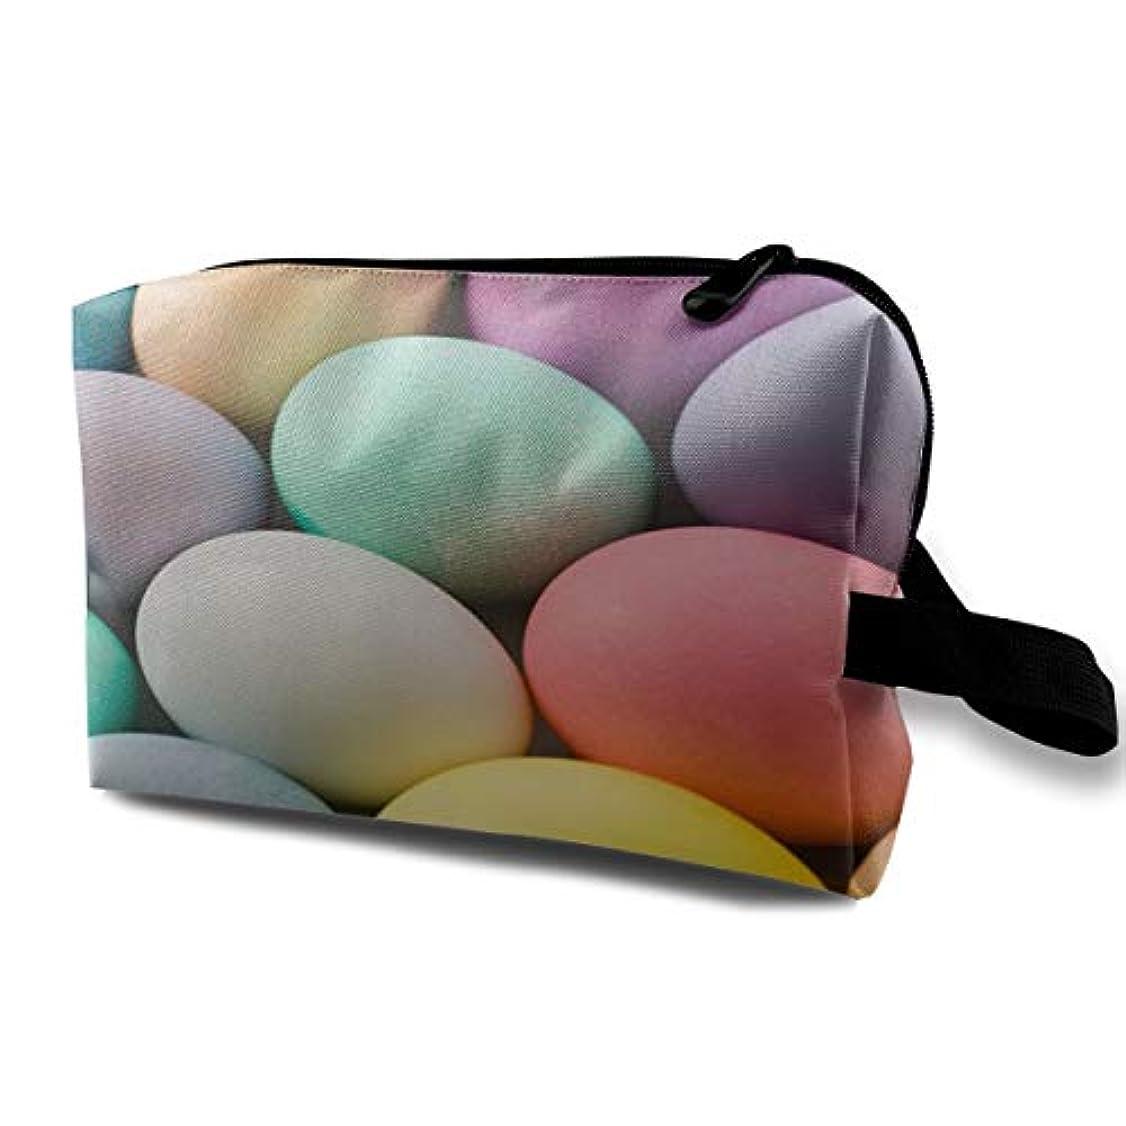 意気消沈した実際のバンケットMulticolor Easter Eggs 収納ポーチ 化粧ポーチ 大容量 軽量 耐久性 ハンドル付持ち運び便利。入れ 自宅?出張?旅行?アウトドア撮影などに対応。メンズ レディース トラベルグッズ